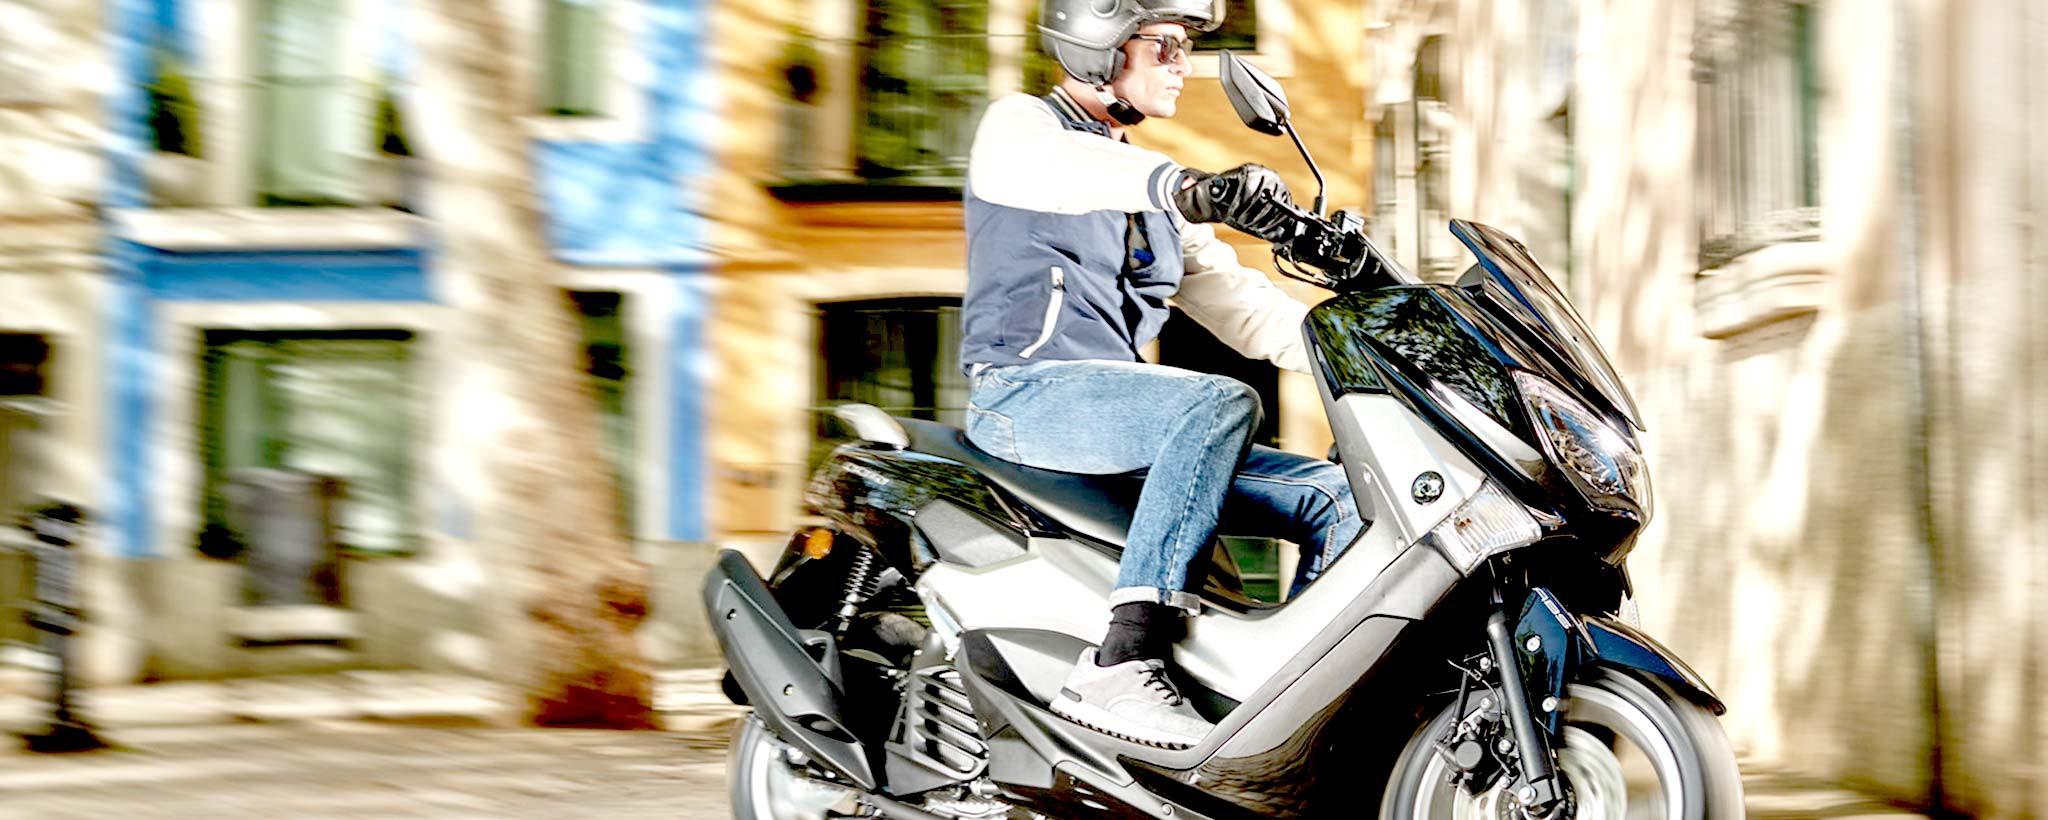 Vente de Scooters à Beaune et Dijon